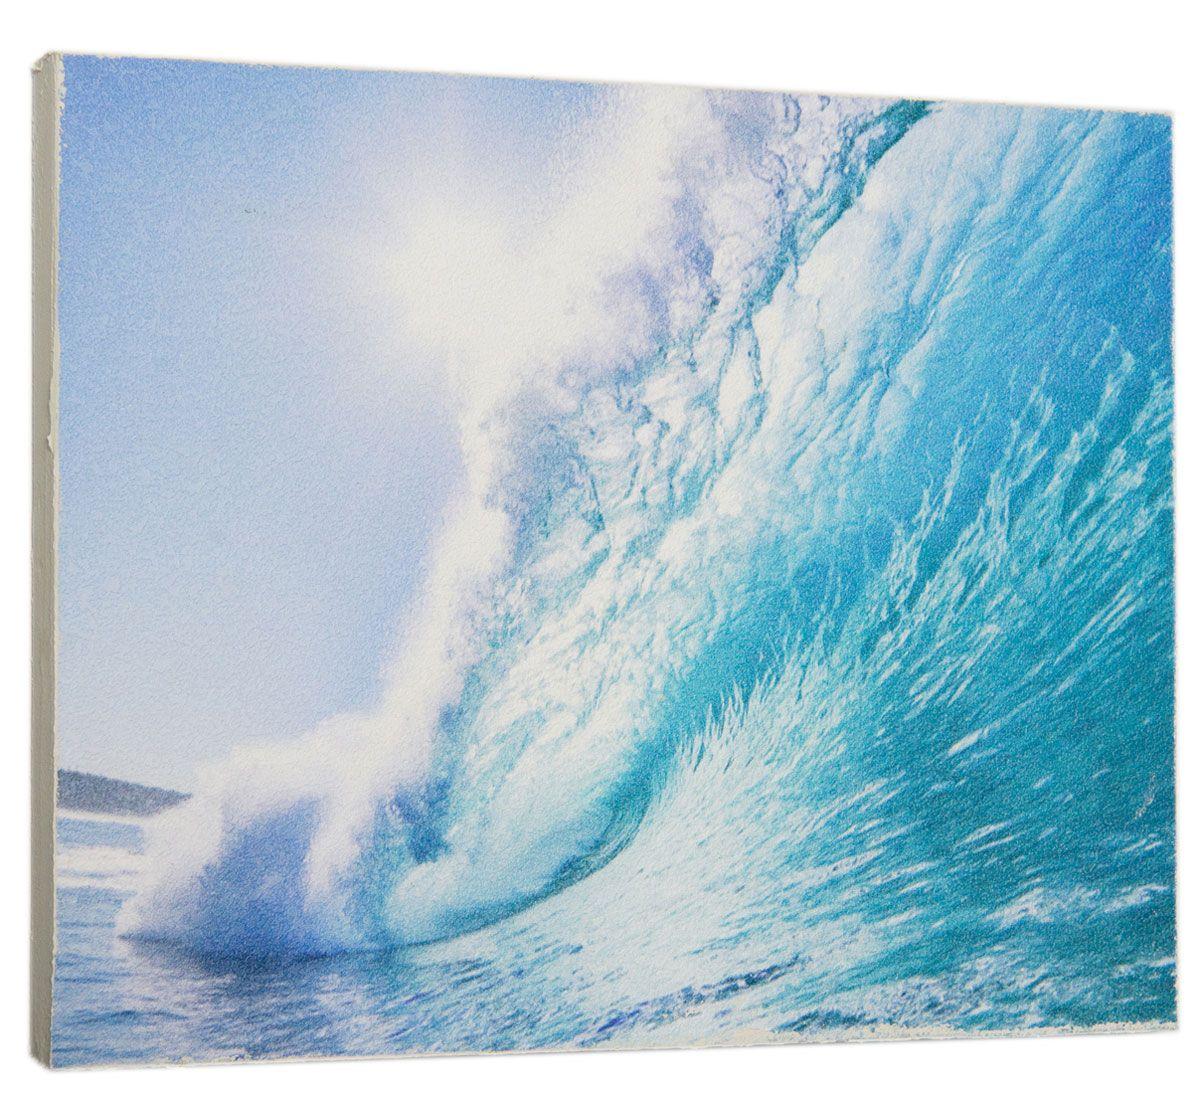 Картина Mister Poster Лазурная волна, 32 х 24 смMC-66Картина Mister Poster - это высококачественная репродукция на деревянной раме. Лицевая поверхность имитирует штукатурку или натуральный холст, края окрашены вручную специальным декоративным составом.Современные технологии, уникальное оборудование и оригинальные чернила, используемые при изготовлении, делают постер устойчивым к выцветанию, а также гарантируют стойкость к воздействию негативных внешних факторов. Интерьер дома и офиса, в котором находится человек, в значительной степени влияет на его настроение и работоспособность. Правильное оформление интерьера создает благоприятный психологический климат, улучшает настроение и мотивирует. Добавьте «красок» в ваш интерьер и, возможно, в вашу жизнь.